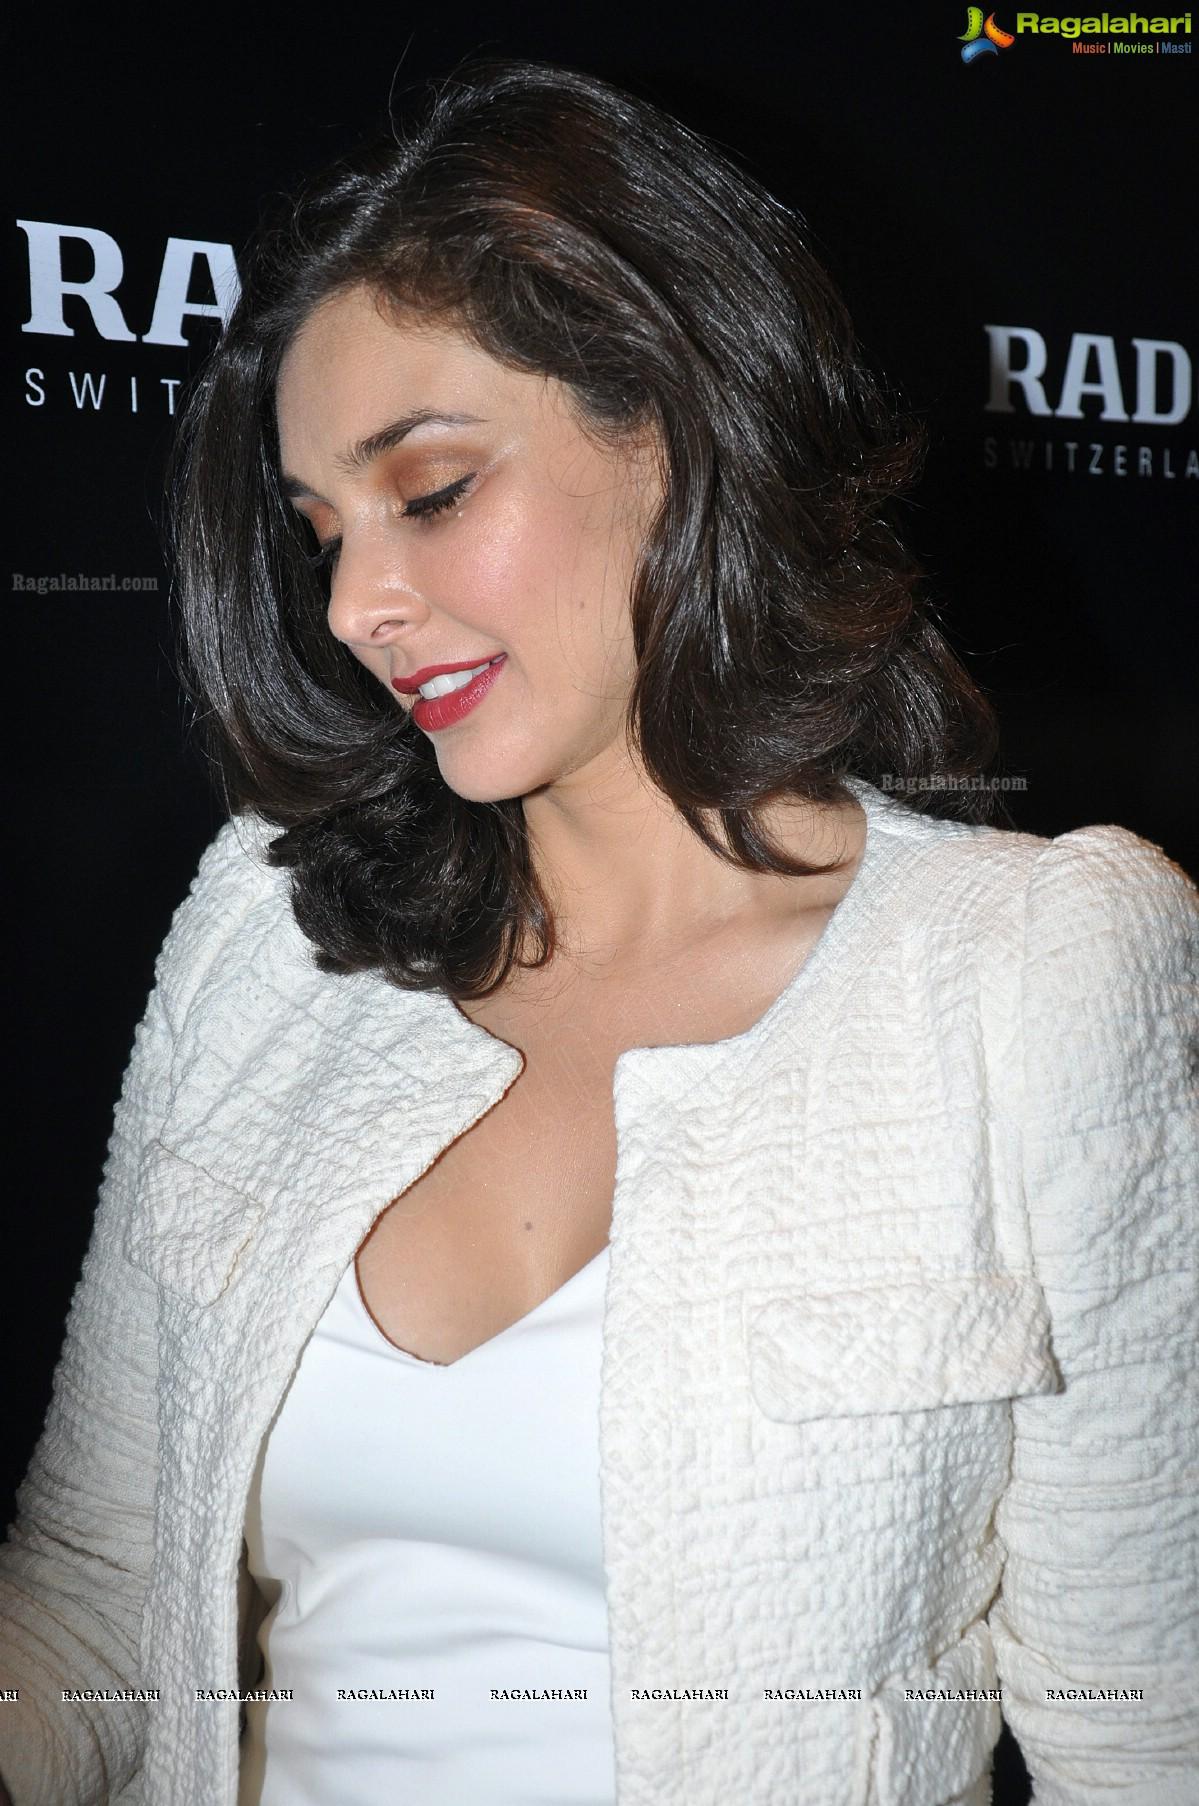 Lisa Rani Ray